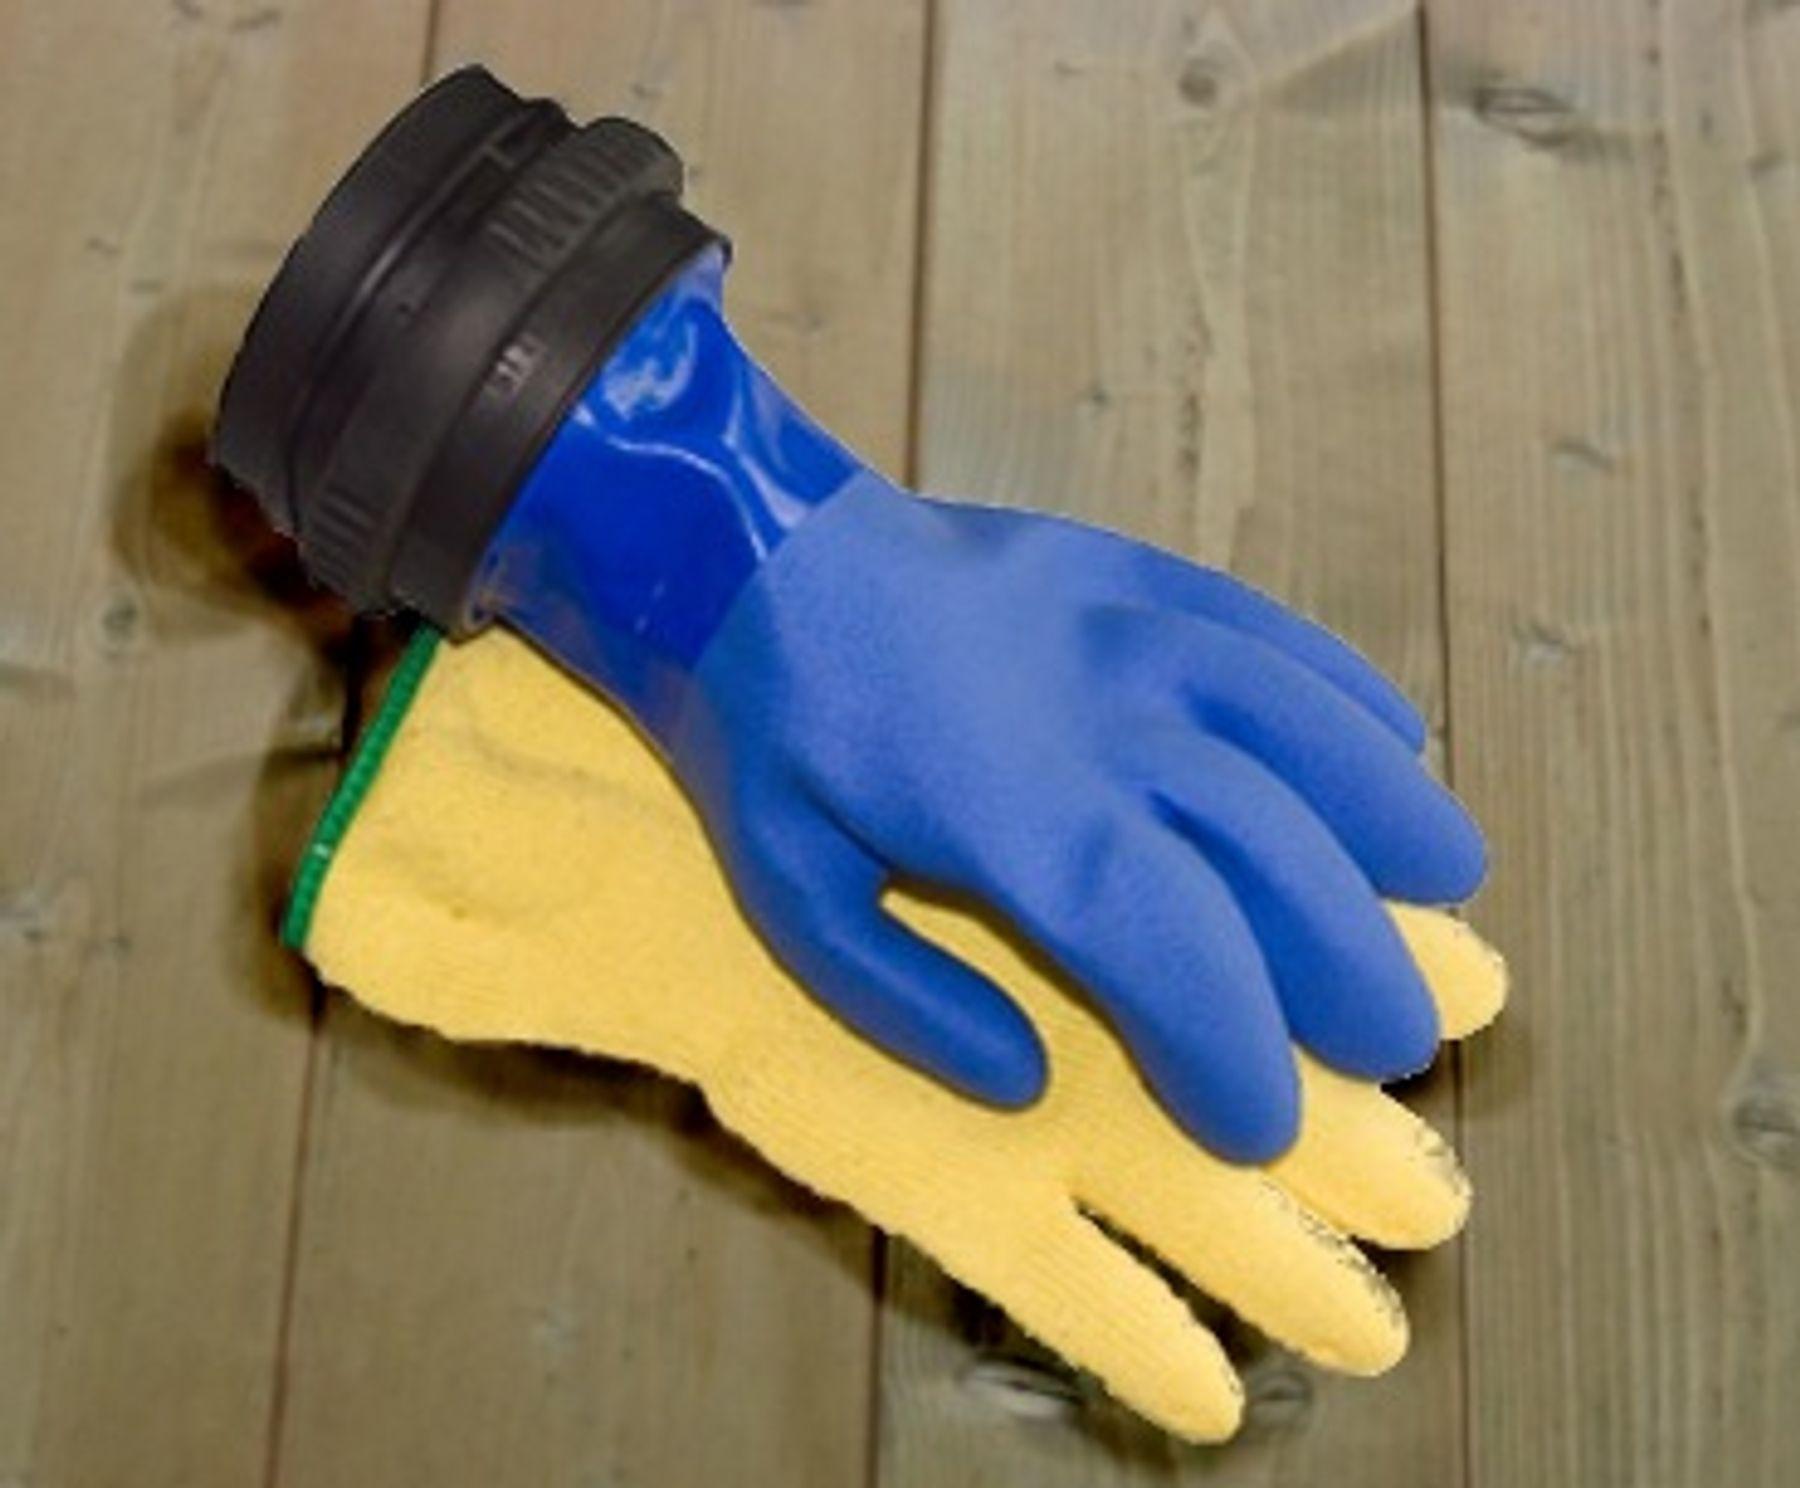 đeo găng tay khi rửa bát